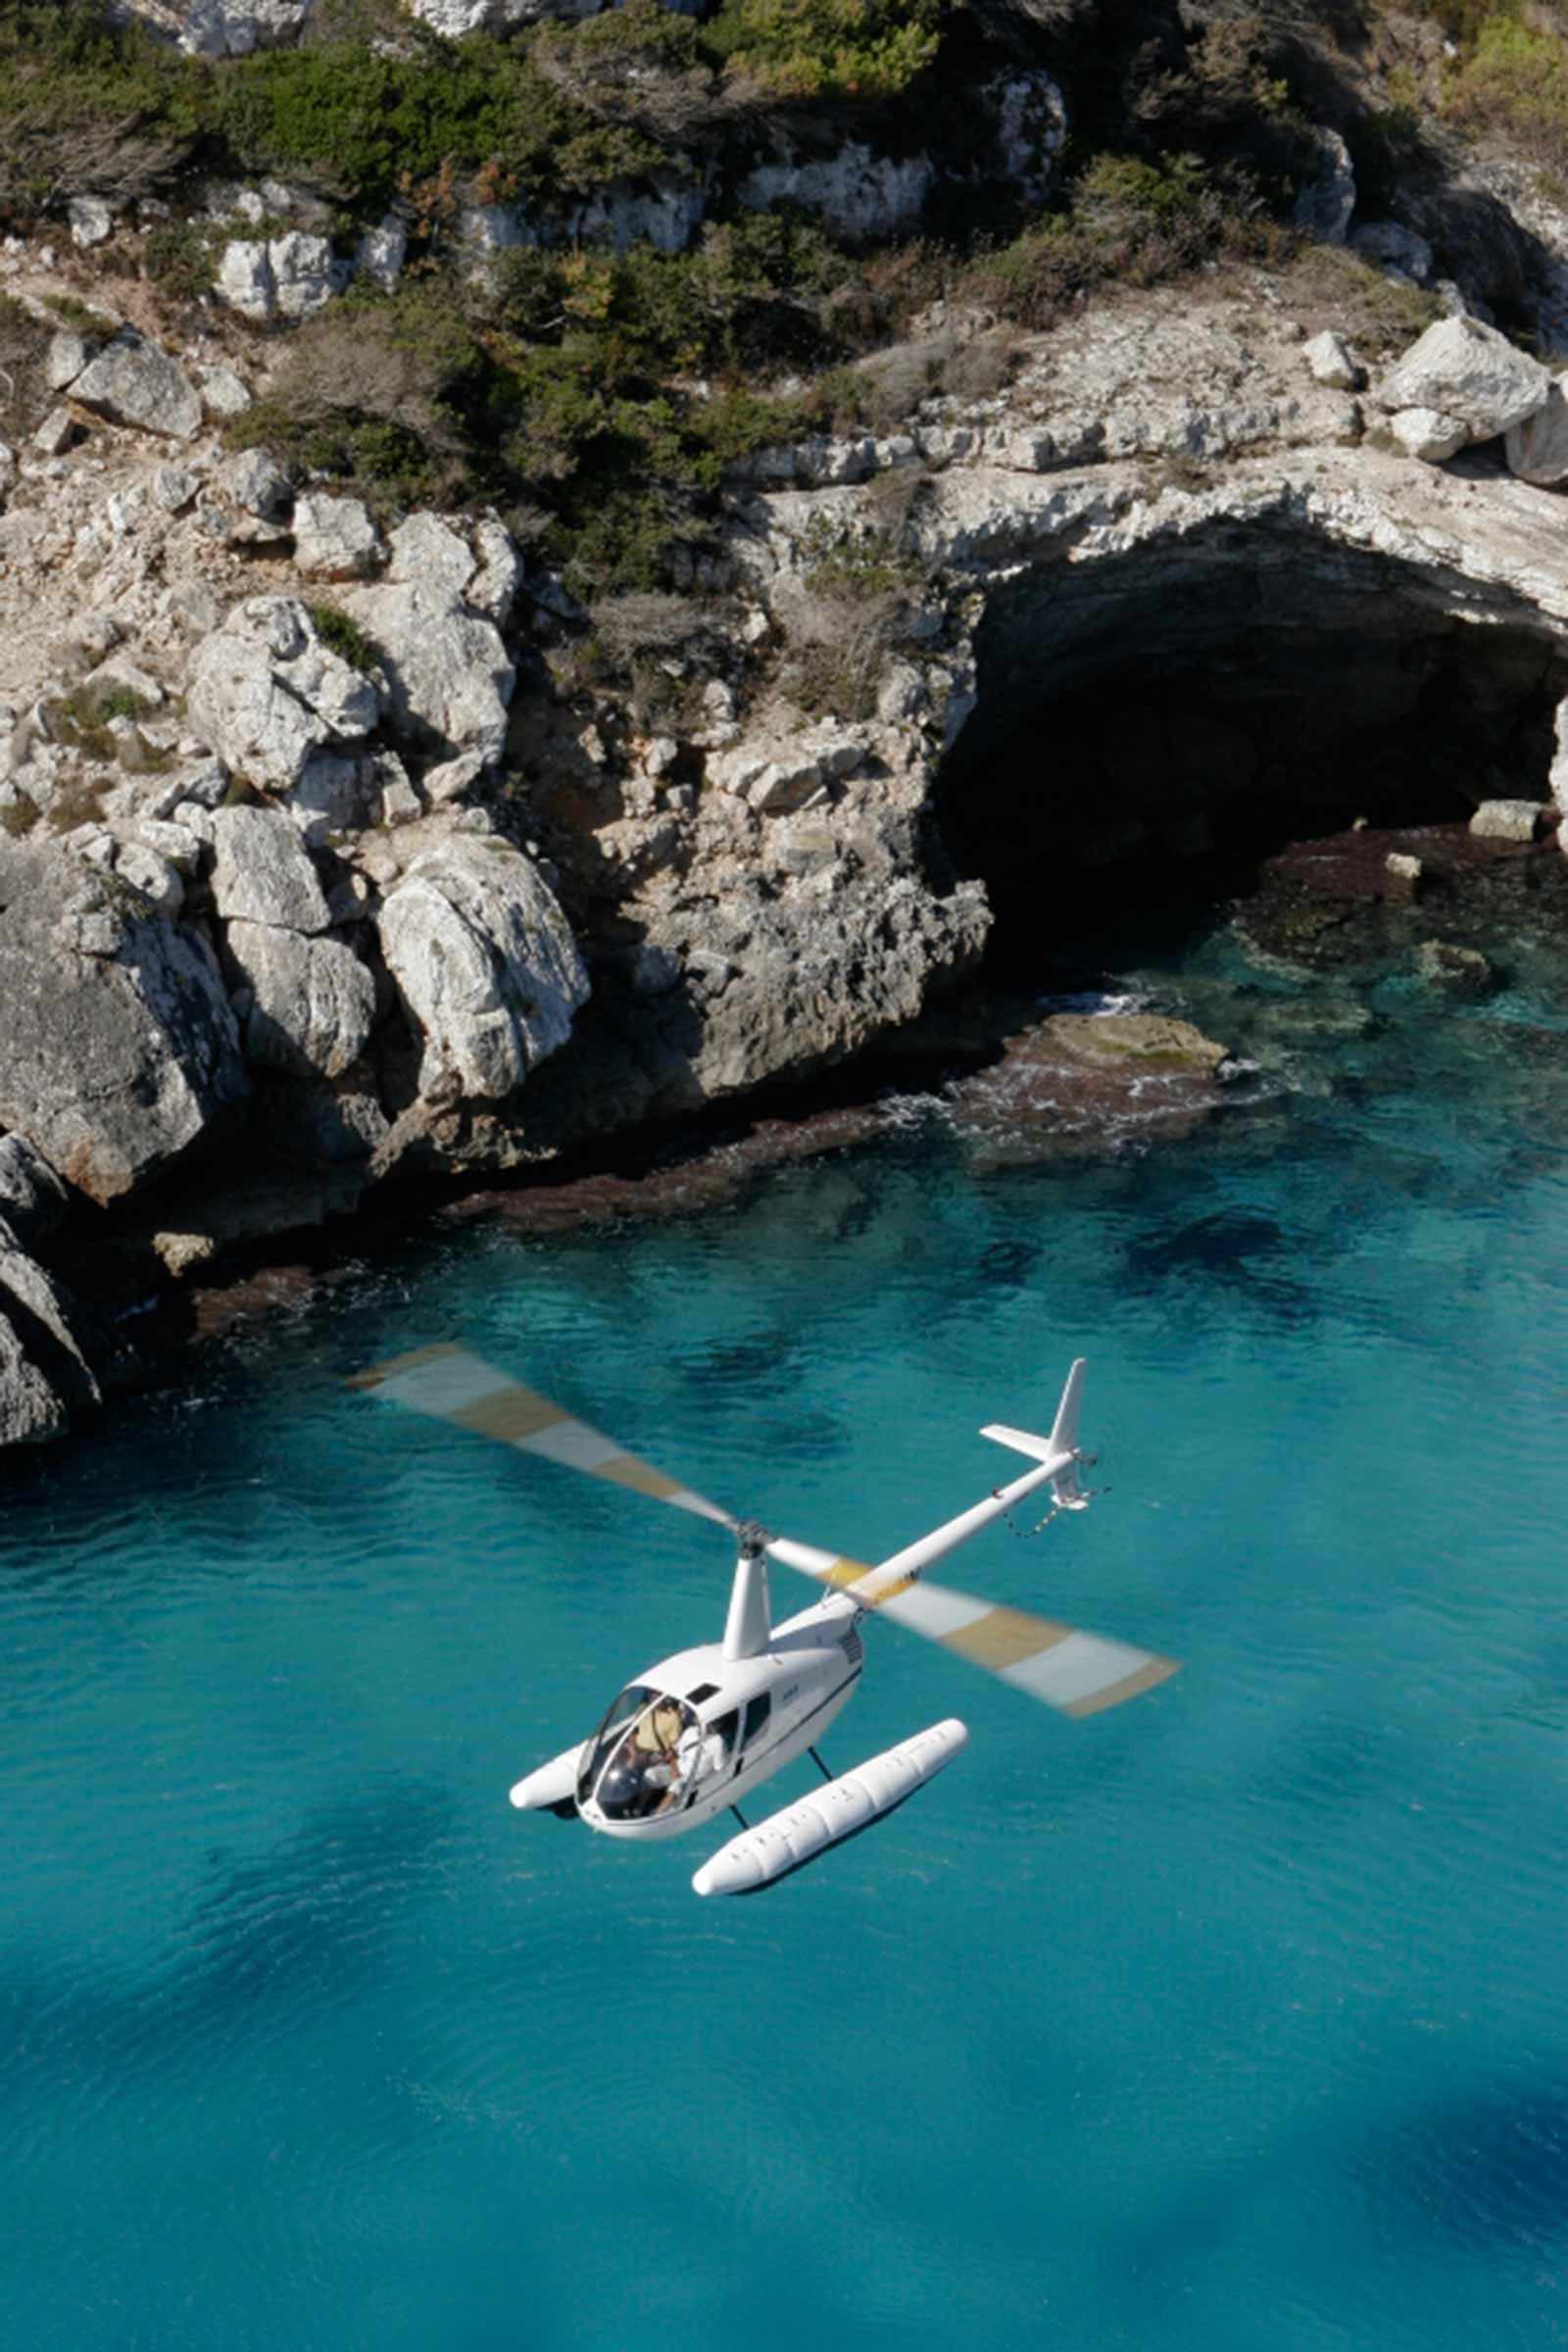 Helikopter-Mallorca-Helikopter-Rundflug-Mallorca-3